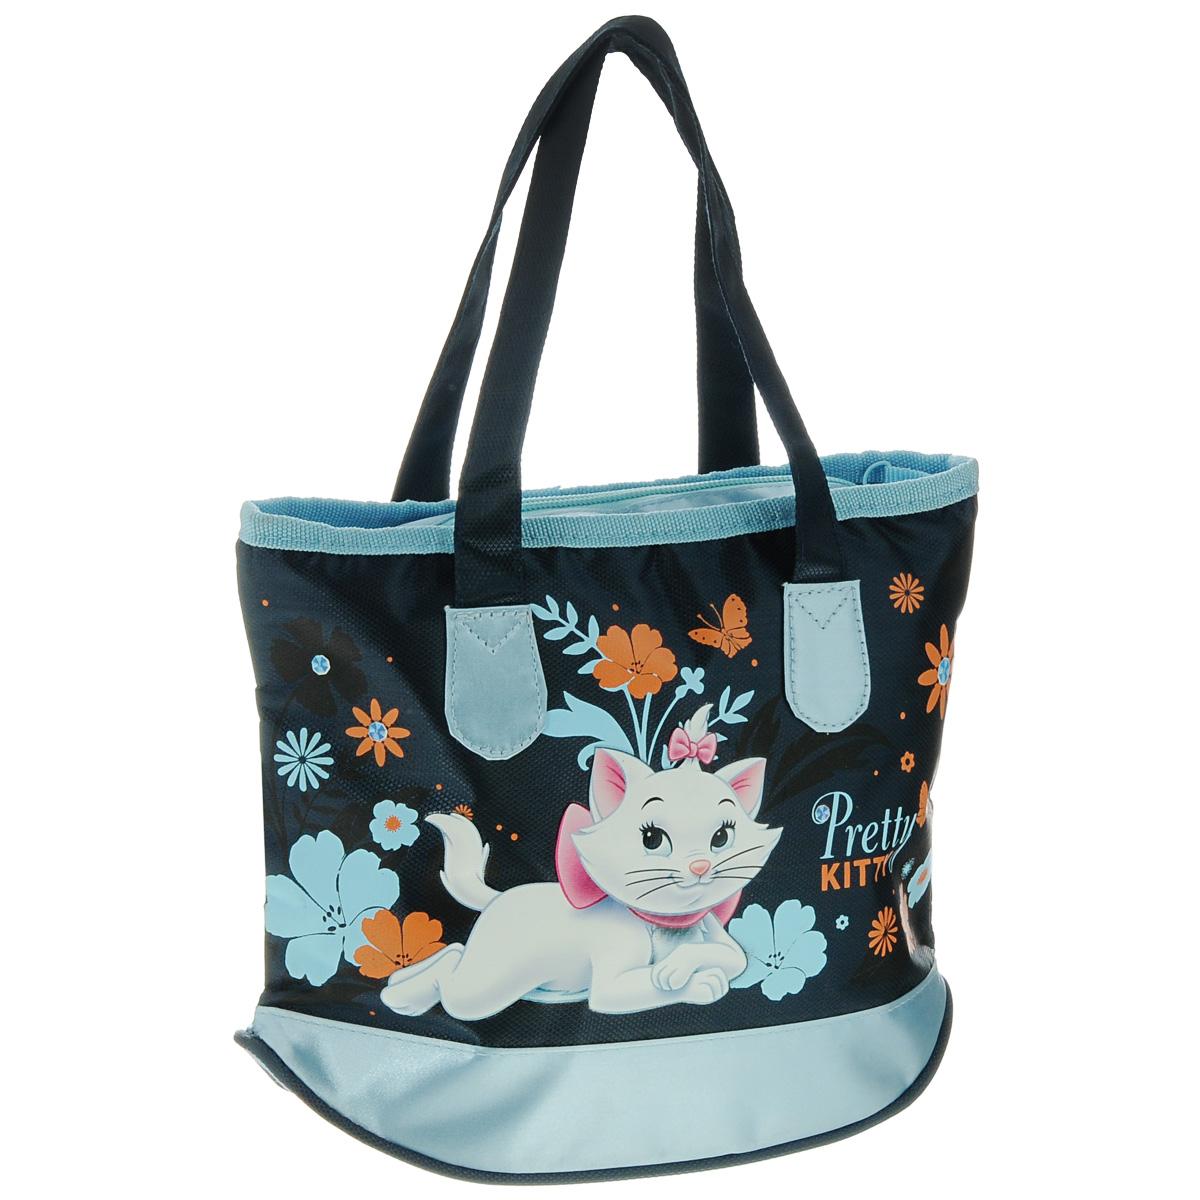 Сумка детская Marie Cat, цвет: темно-синий, голубойMCAP-UT-930Детская сумка Marie Cat выполнена из прочного полиэстера и оформлена термоаппликацией с изображением милой белой кошечки. Сумочка содержит одно отделение и закрывается на застежку-молнию. Сумочка оснащена двумя ручками для переноски. Рекомендуемый возраст: от 3 лет.